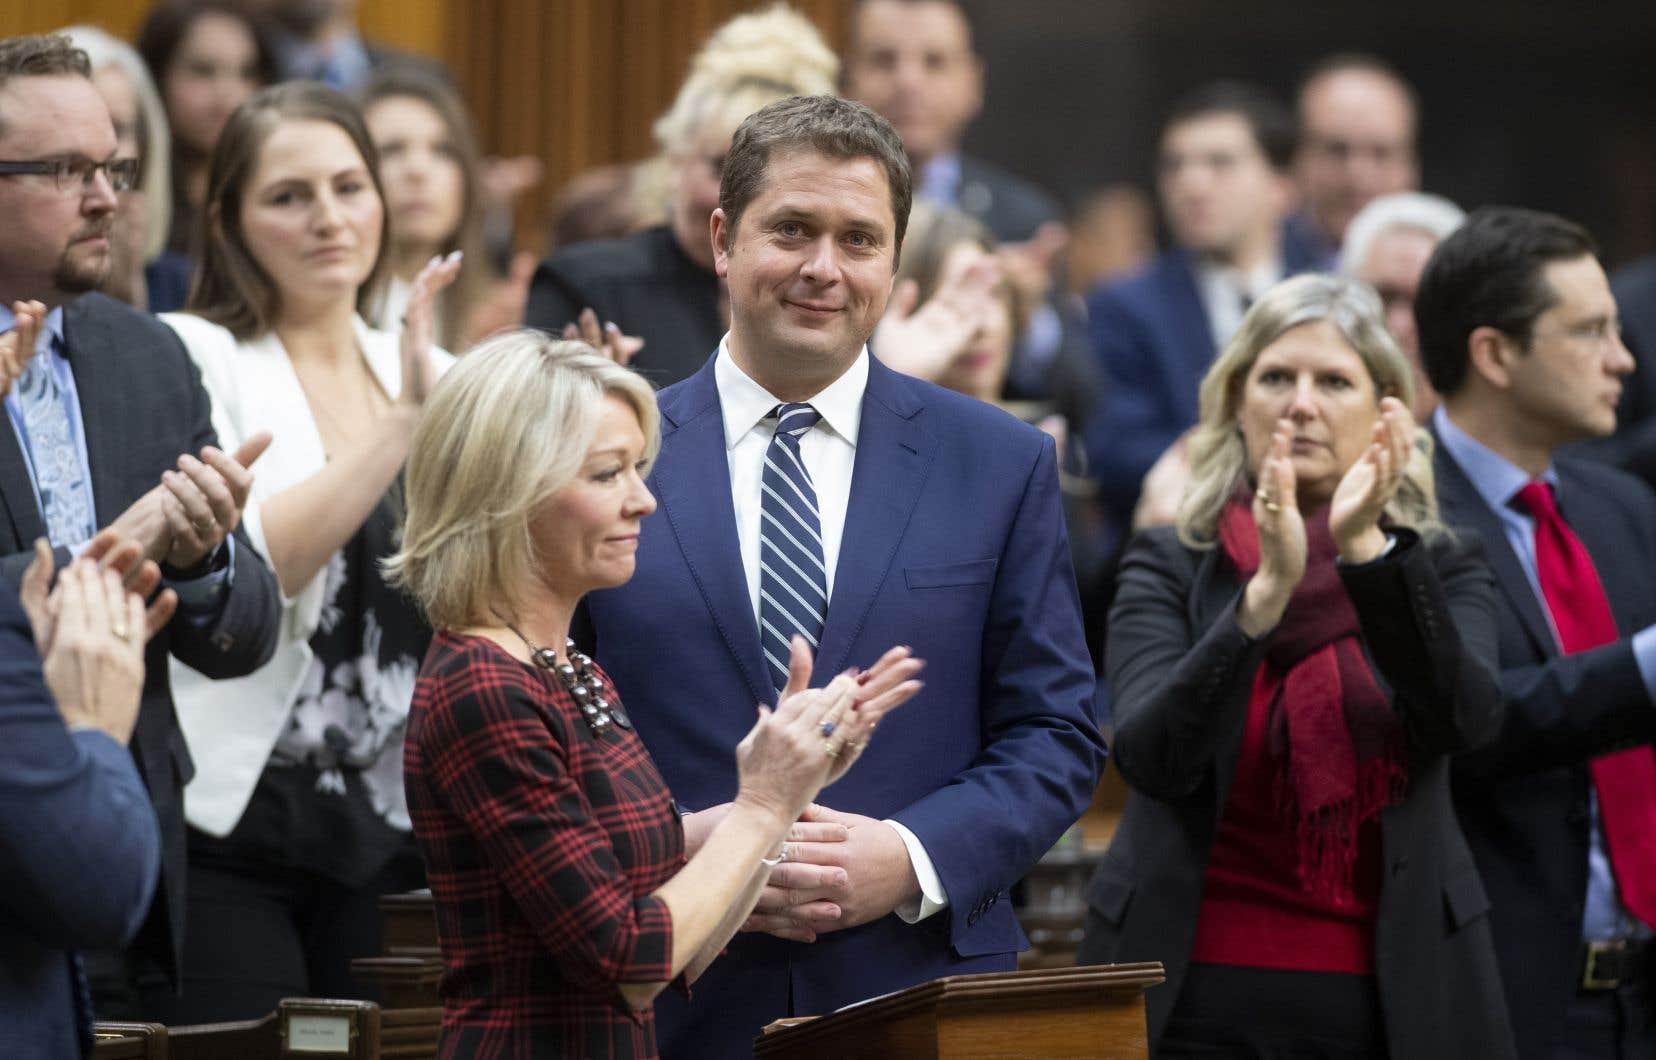 Andrew Scheer a annoncé jeudi qu'il quittait ses fonctions de chef conservateur. Il demeure toutefois député.